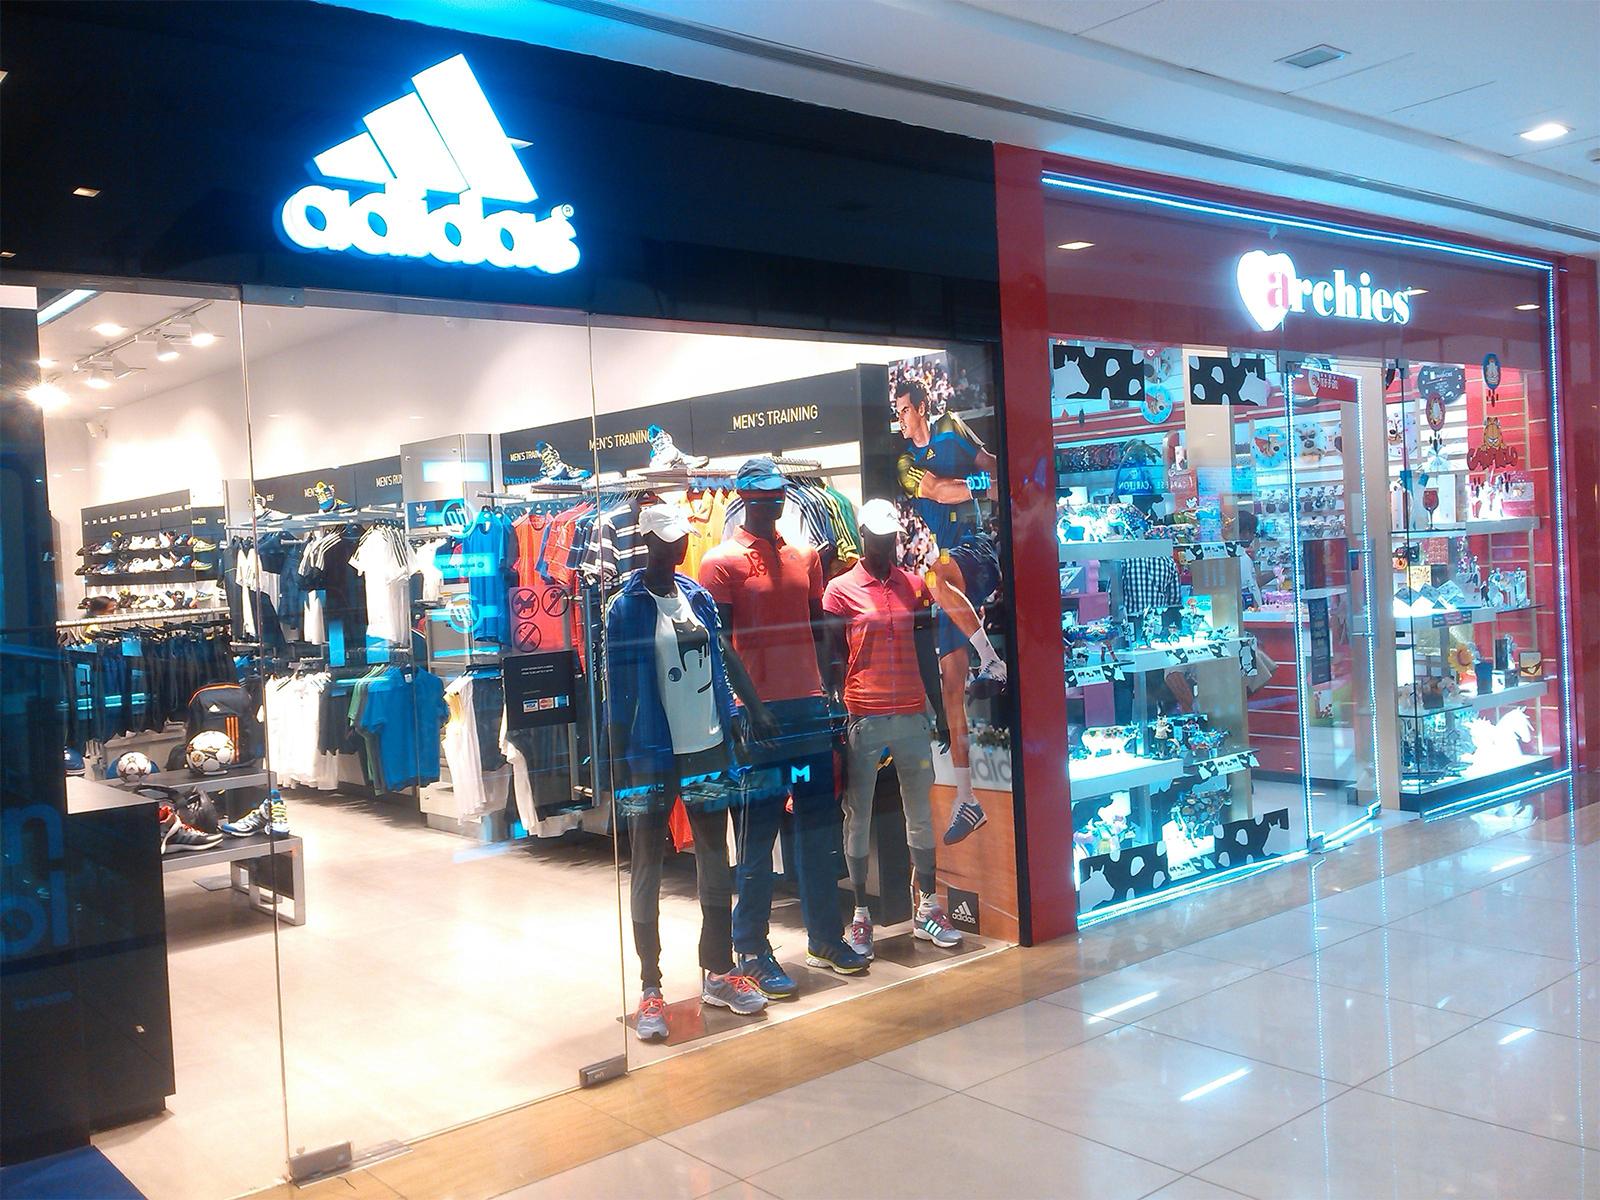 befadf3a6 أديداس: من أشهر الماركات العالمية الرياضية تحتوي أحدث تشكيلة من الإكسسوار،  الملابس والأحذية الرياضية للرجال، النساء والأطفال في الرياض، هي شركة ملابس  رياضية ...